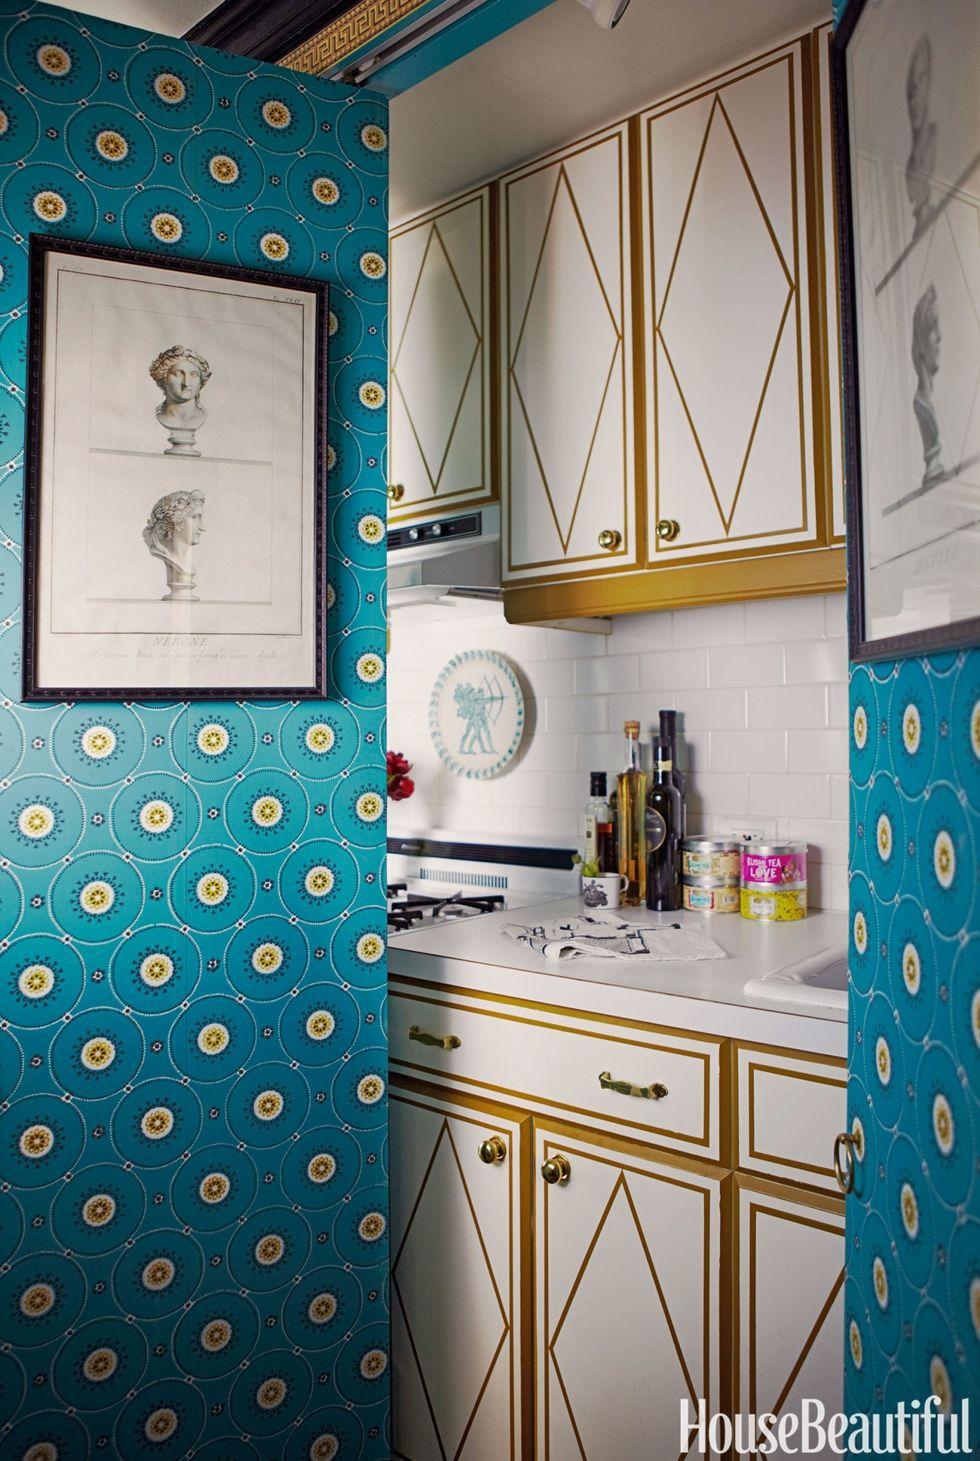 54c135c6d6a0a_-_hbx-hidden-kitchen-brockschmidt-0712-s2.jpg